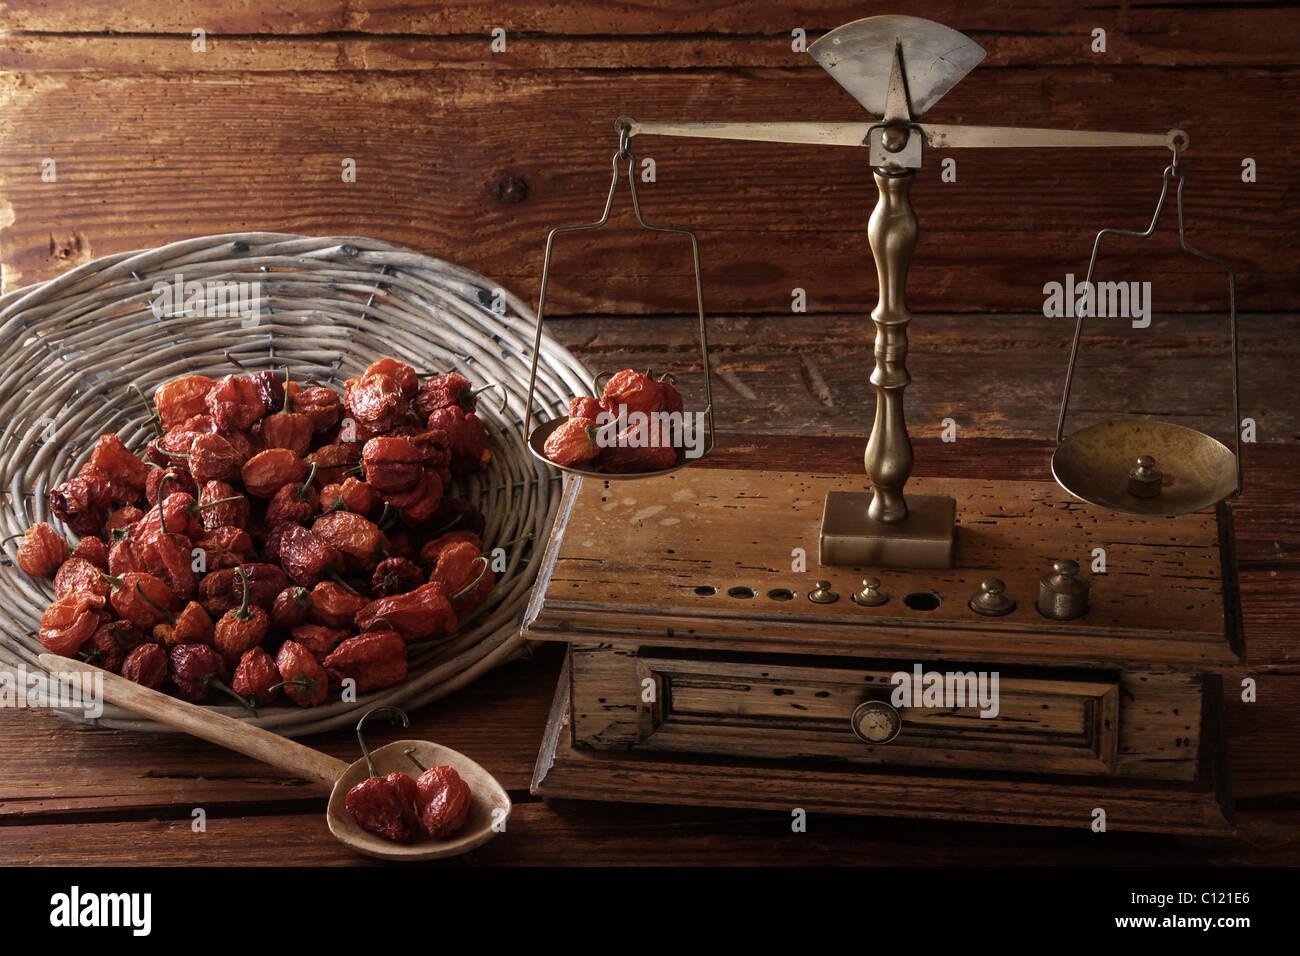 Antike Waage mit einem Gewicht von getrockneten Mini Paprika (Capsicum) auf eine Holzoberfläche Stockbild